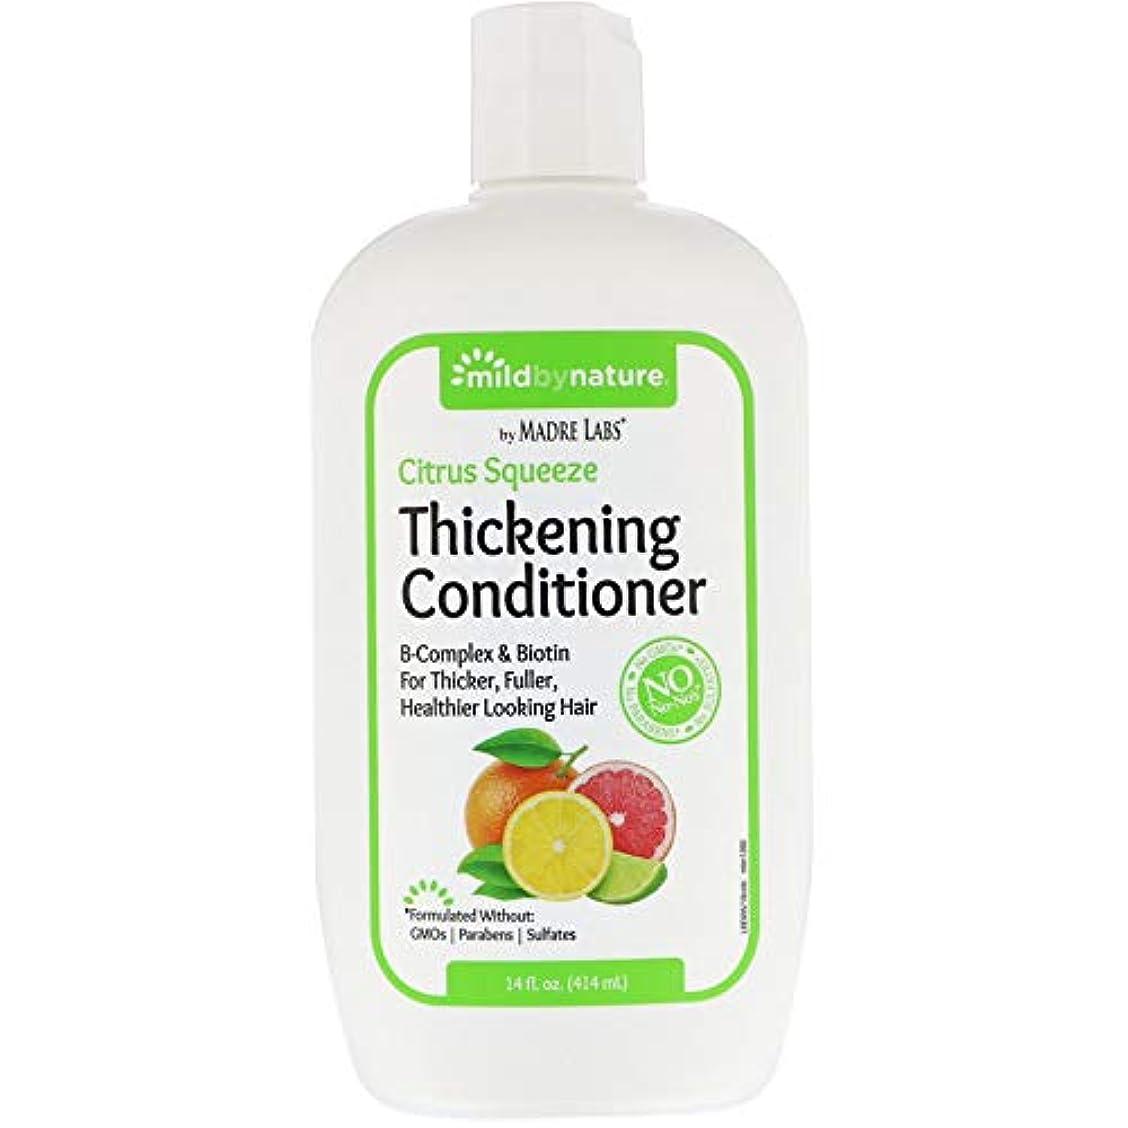 投資エージェント金銭的Madre Labs, Thickening B-Complex + Biotin Conditioner, No Sulfates, Citrus Squeeze、14液量オンス(414 ml)